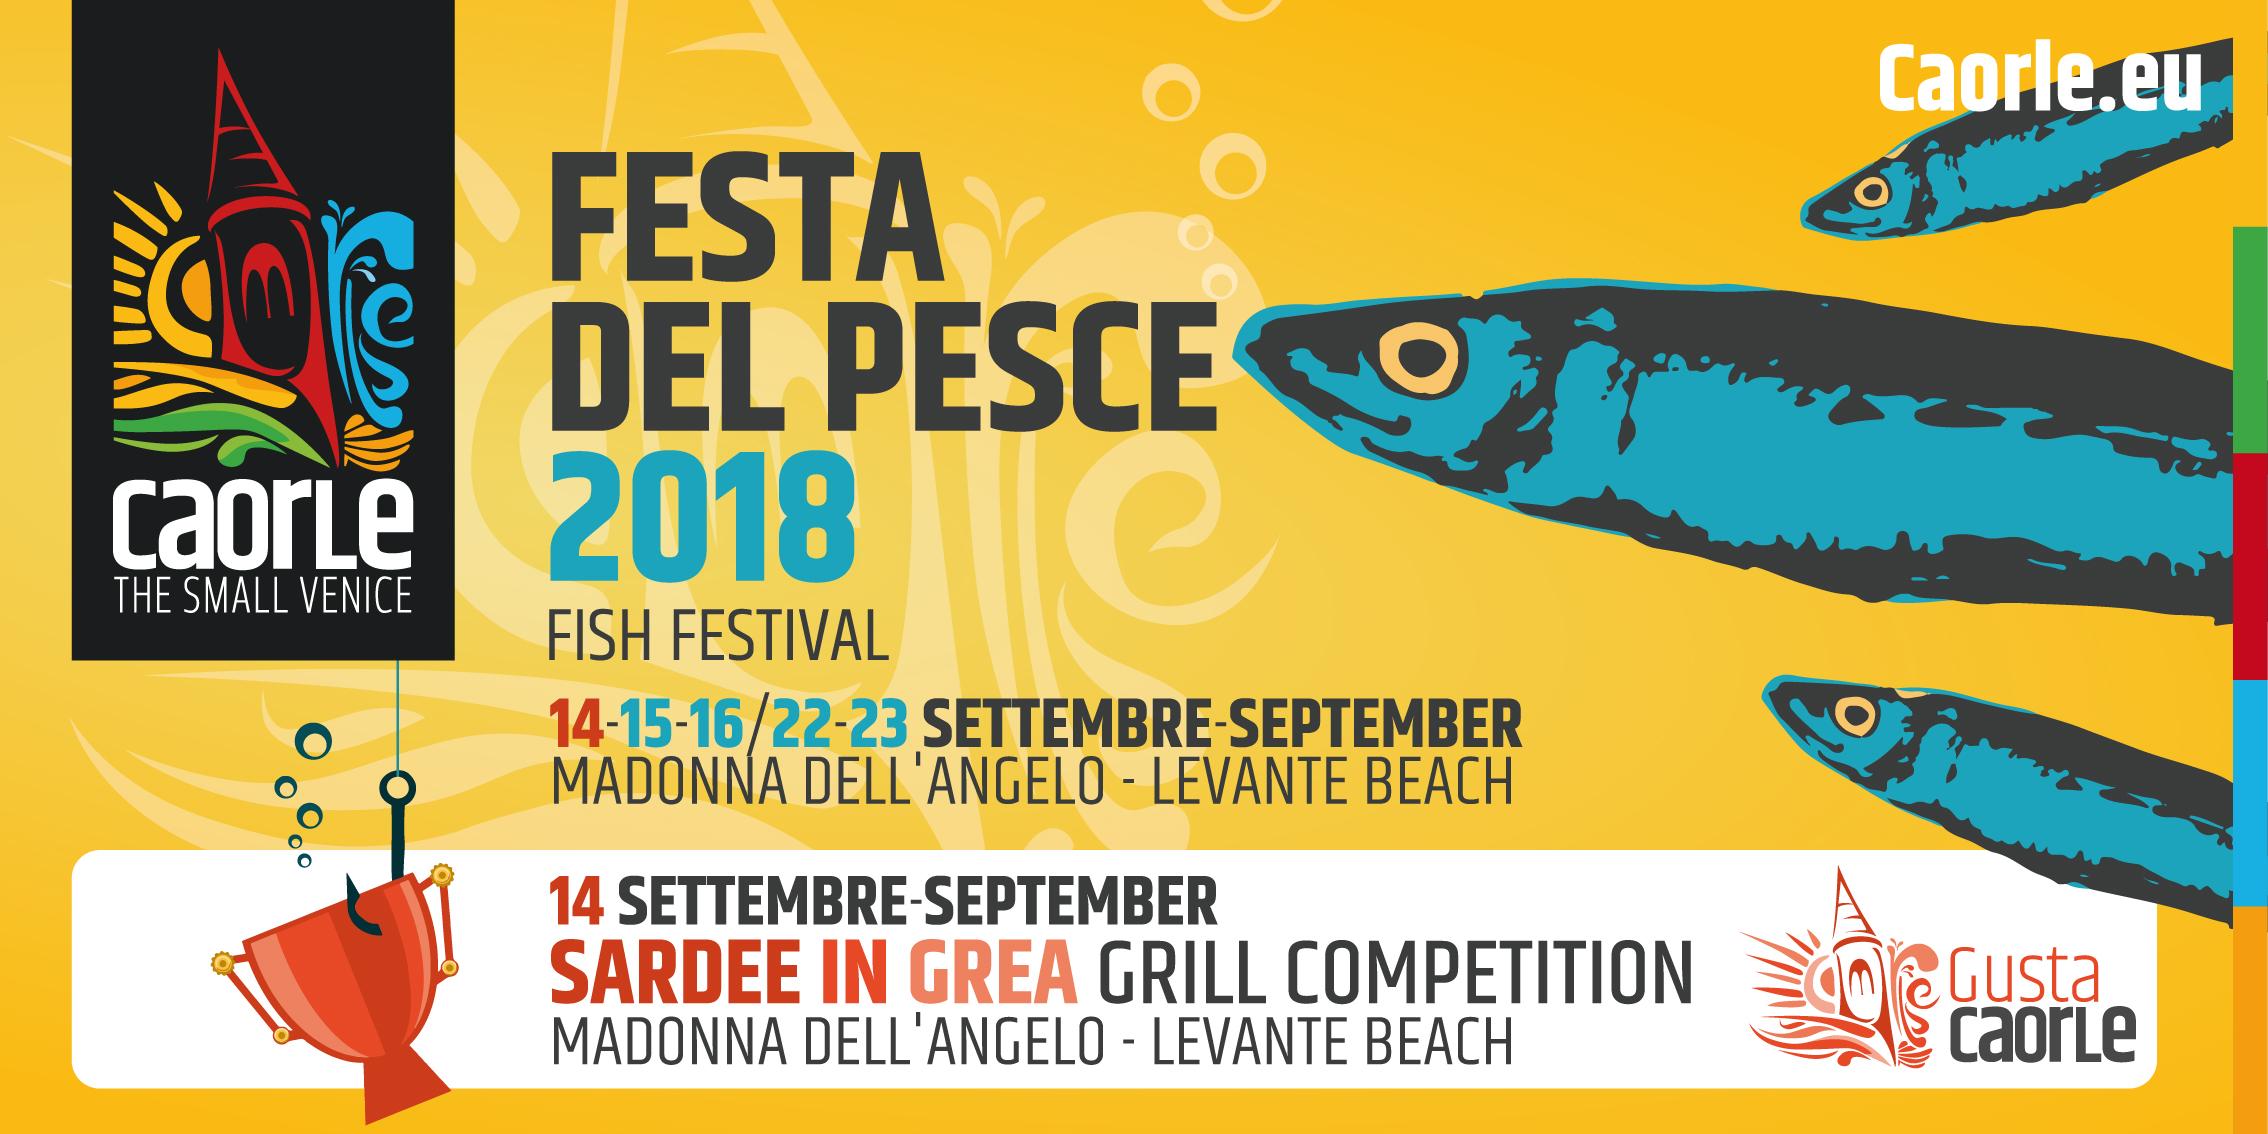 Festa del Pesce 2018